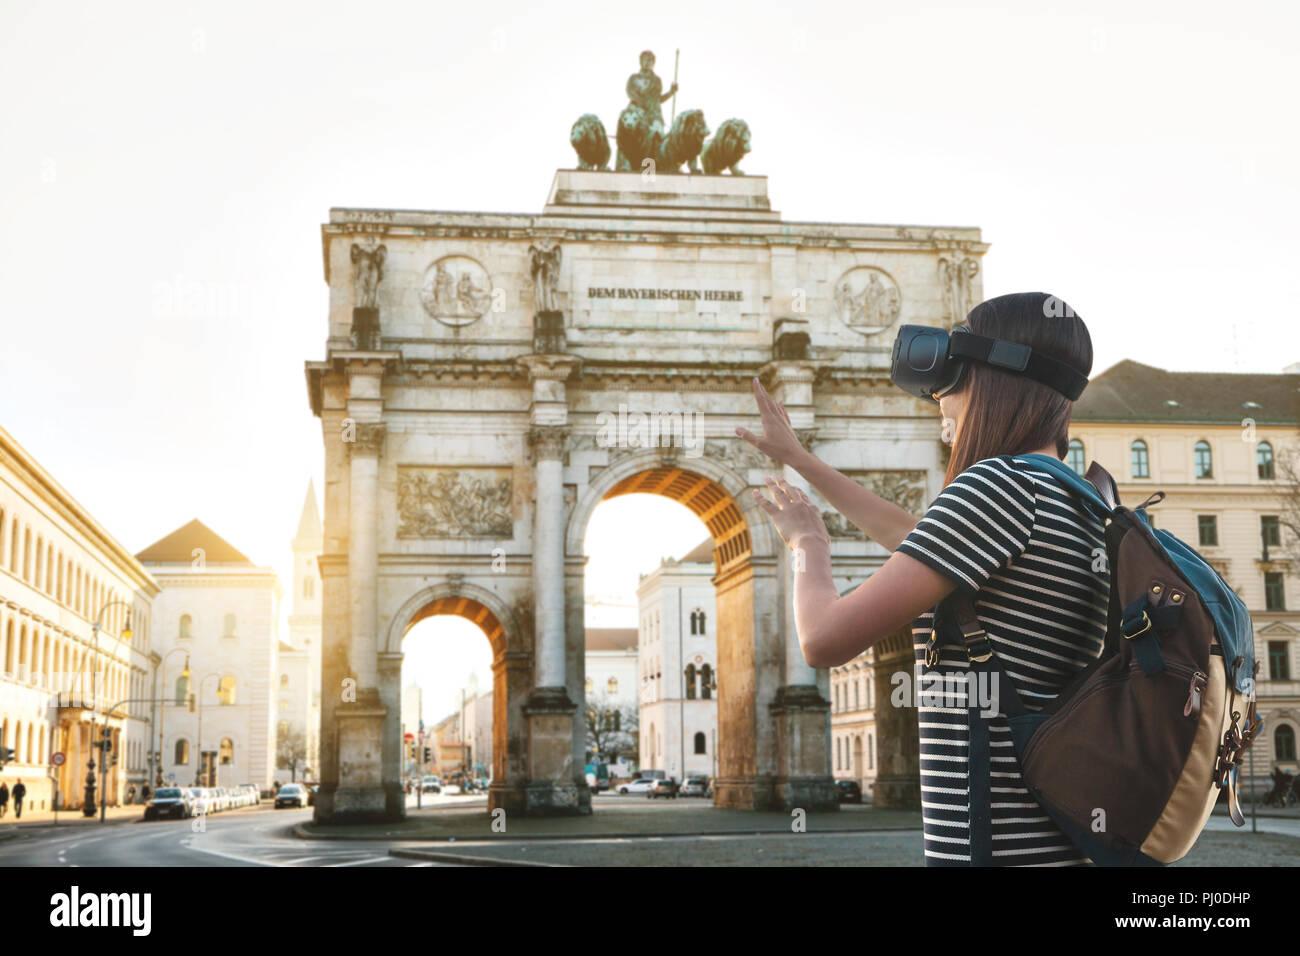 Mädchen Tourist in Gläser der Virtuellen Realität. Virtuelle Reise nach Deutschland. Das Konzept der virtuellen Tourismus. Sightseeing Triumphbogen in München im Hintergrund. Stockbild